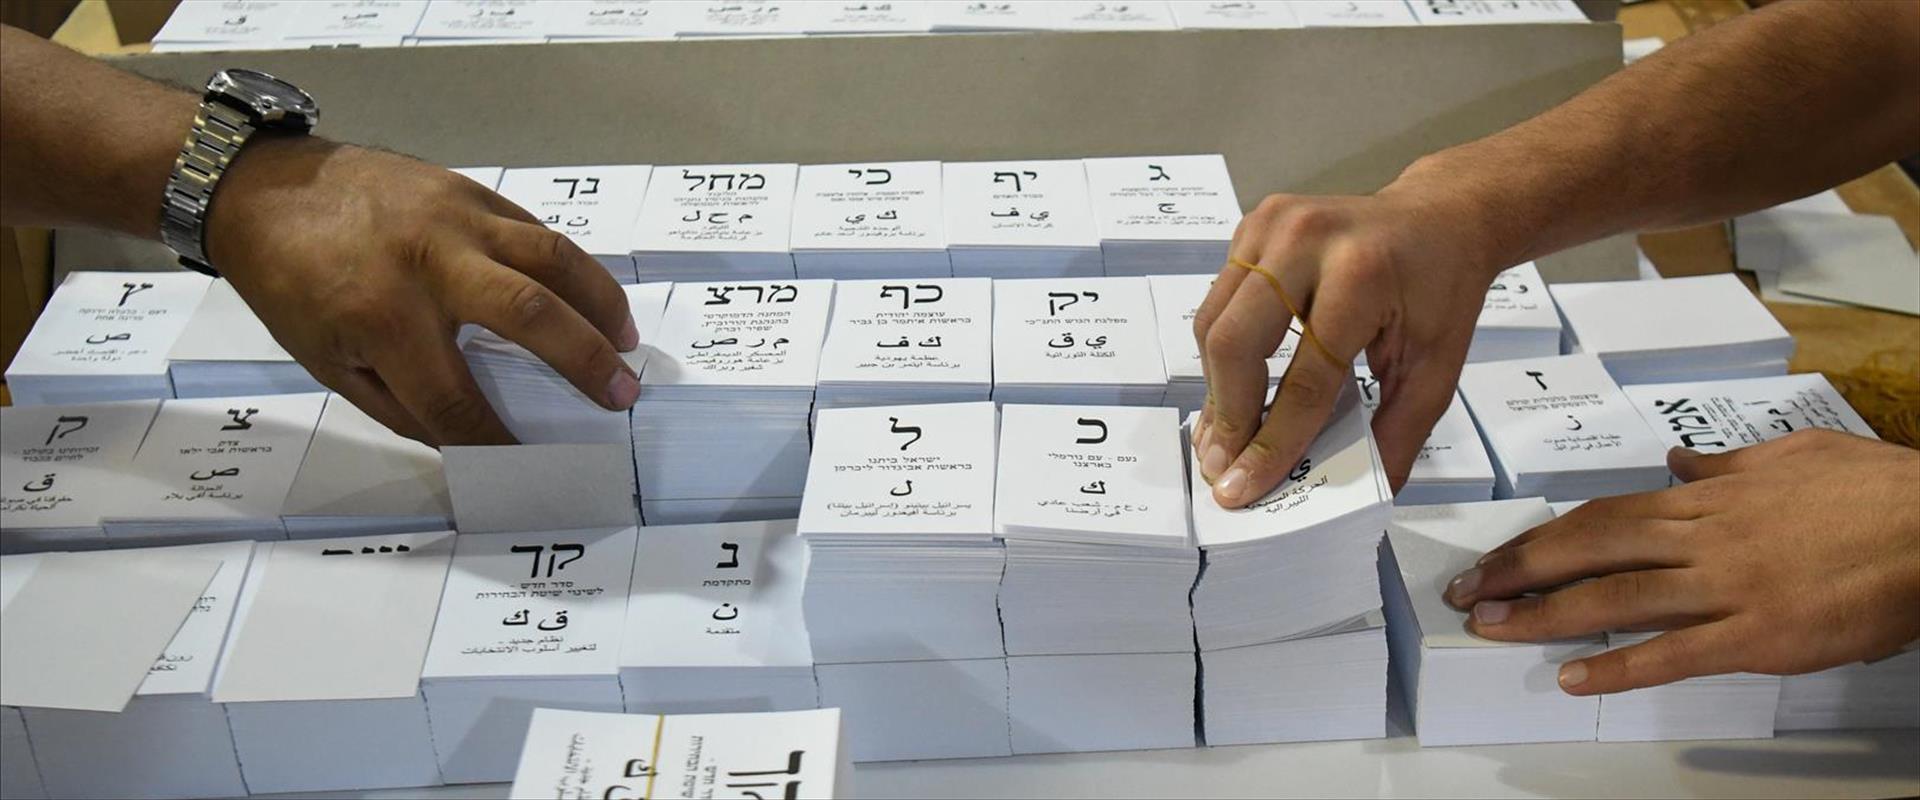 פתקי הצבעה